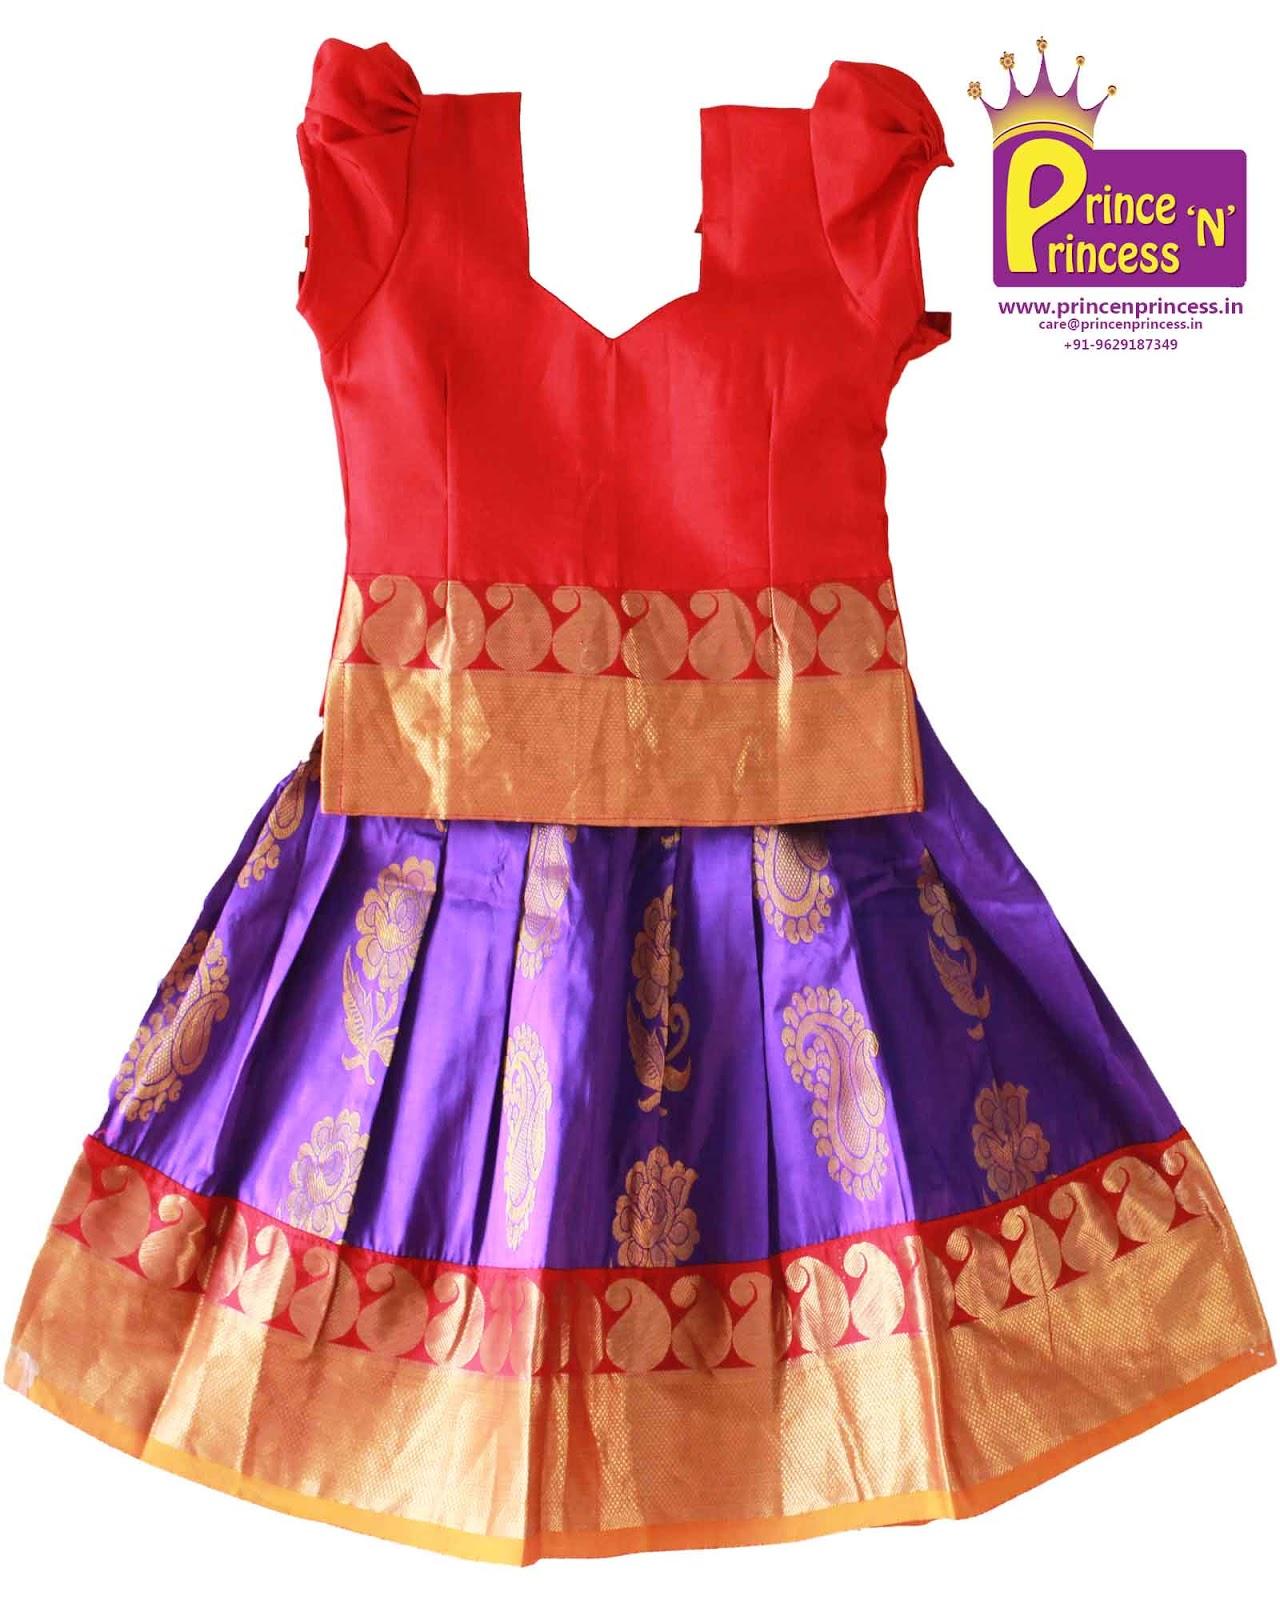 Kancheepuram Silk Pavadai langa for 6 months Baby –